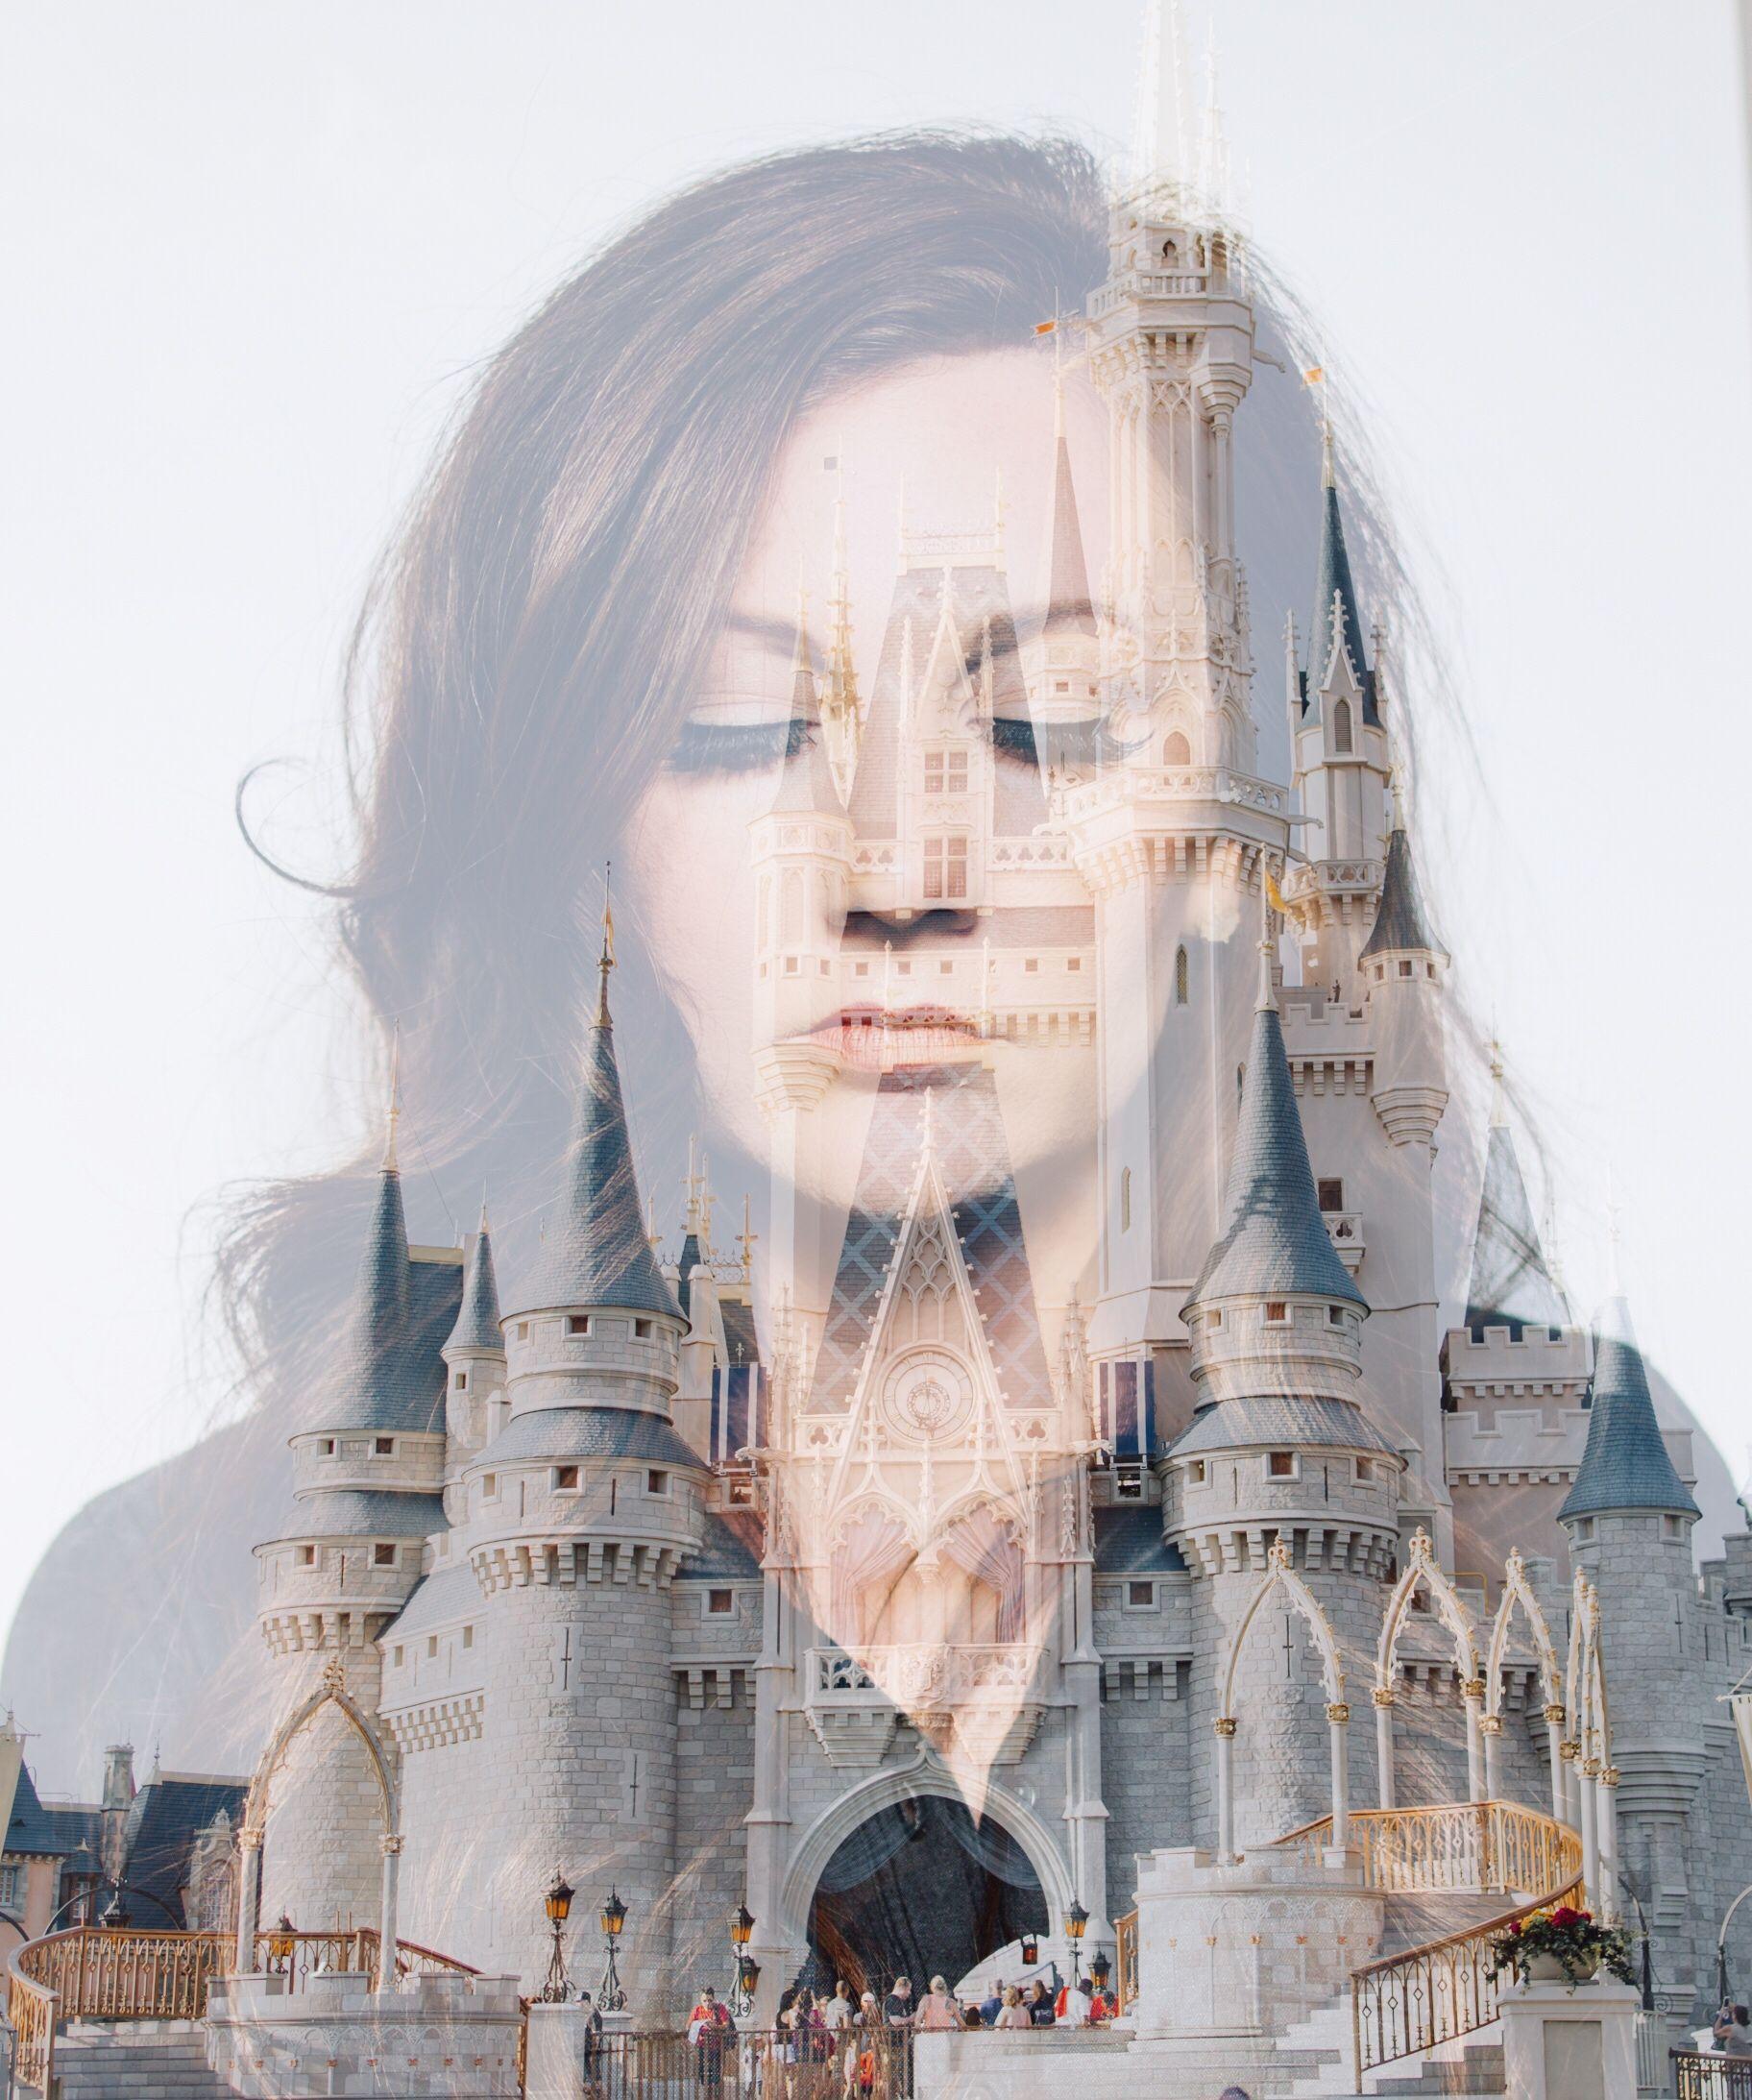 creative Disney double exposure